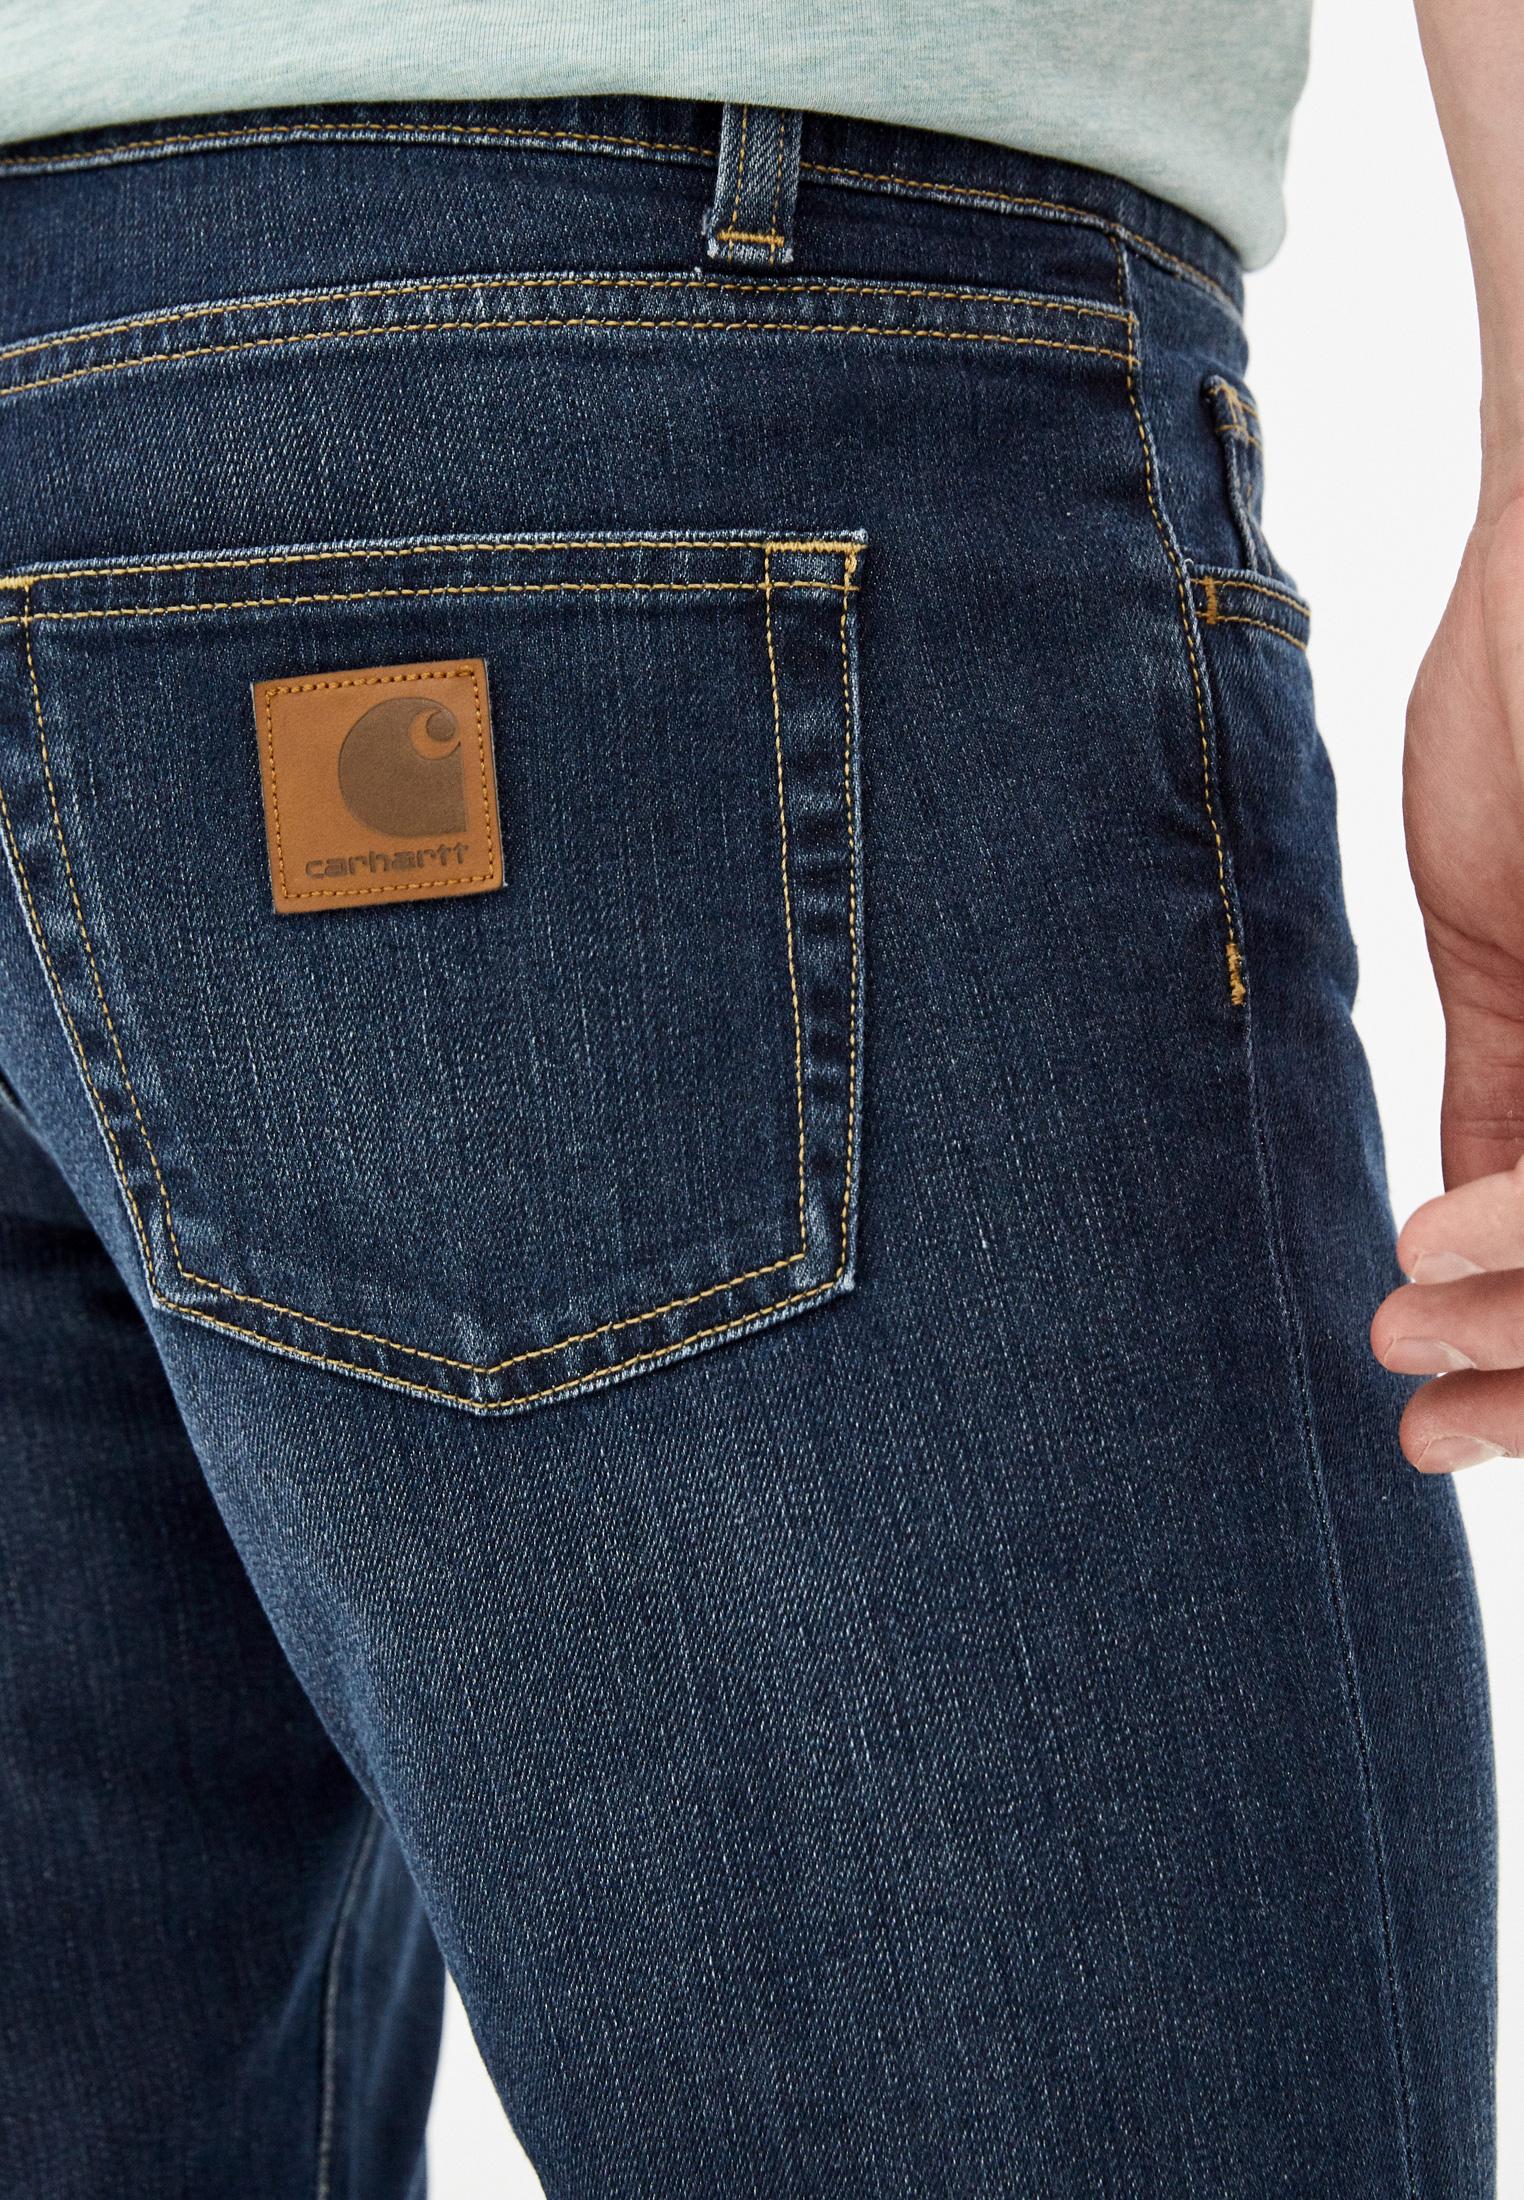 Зауженные джинсы Carhartt WIP I015331: изображение 4